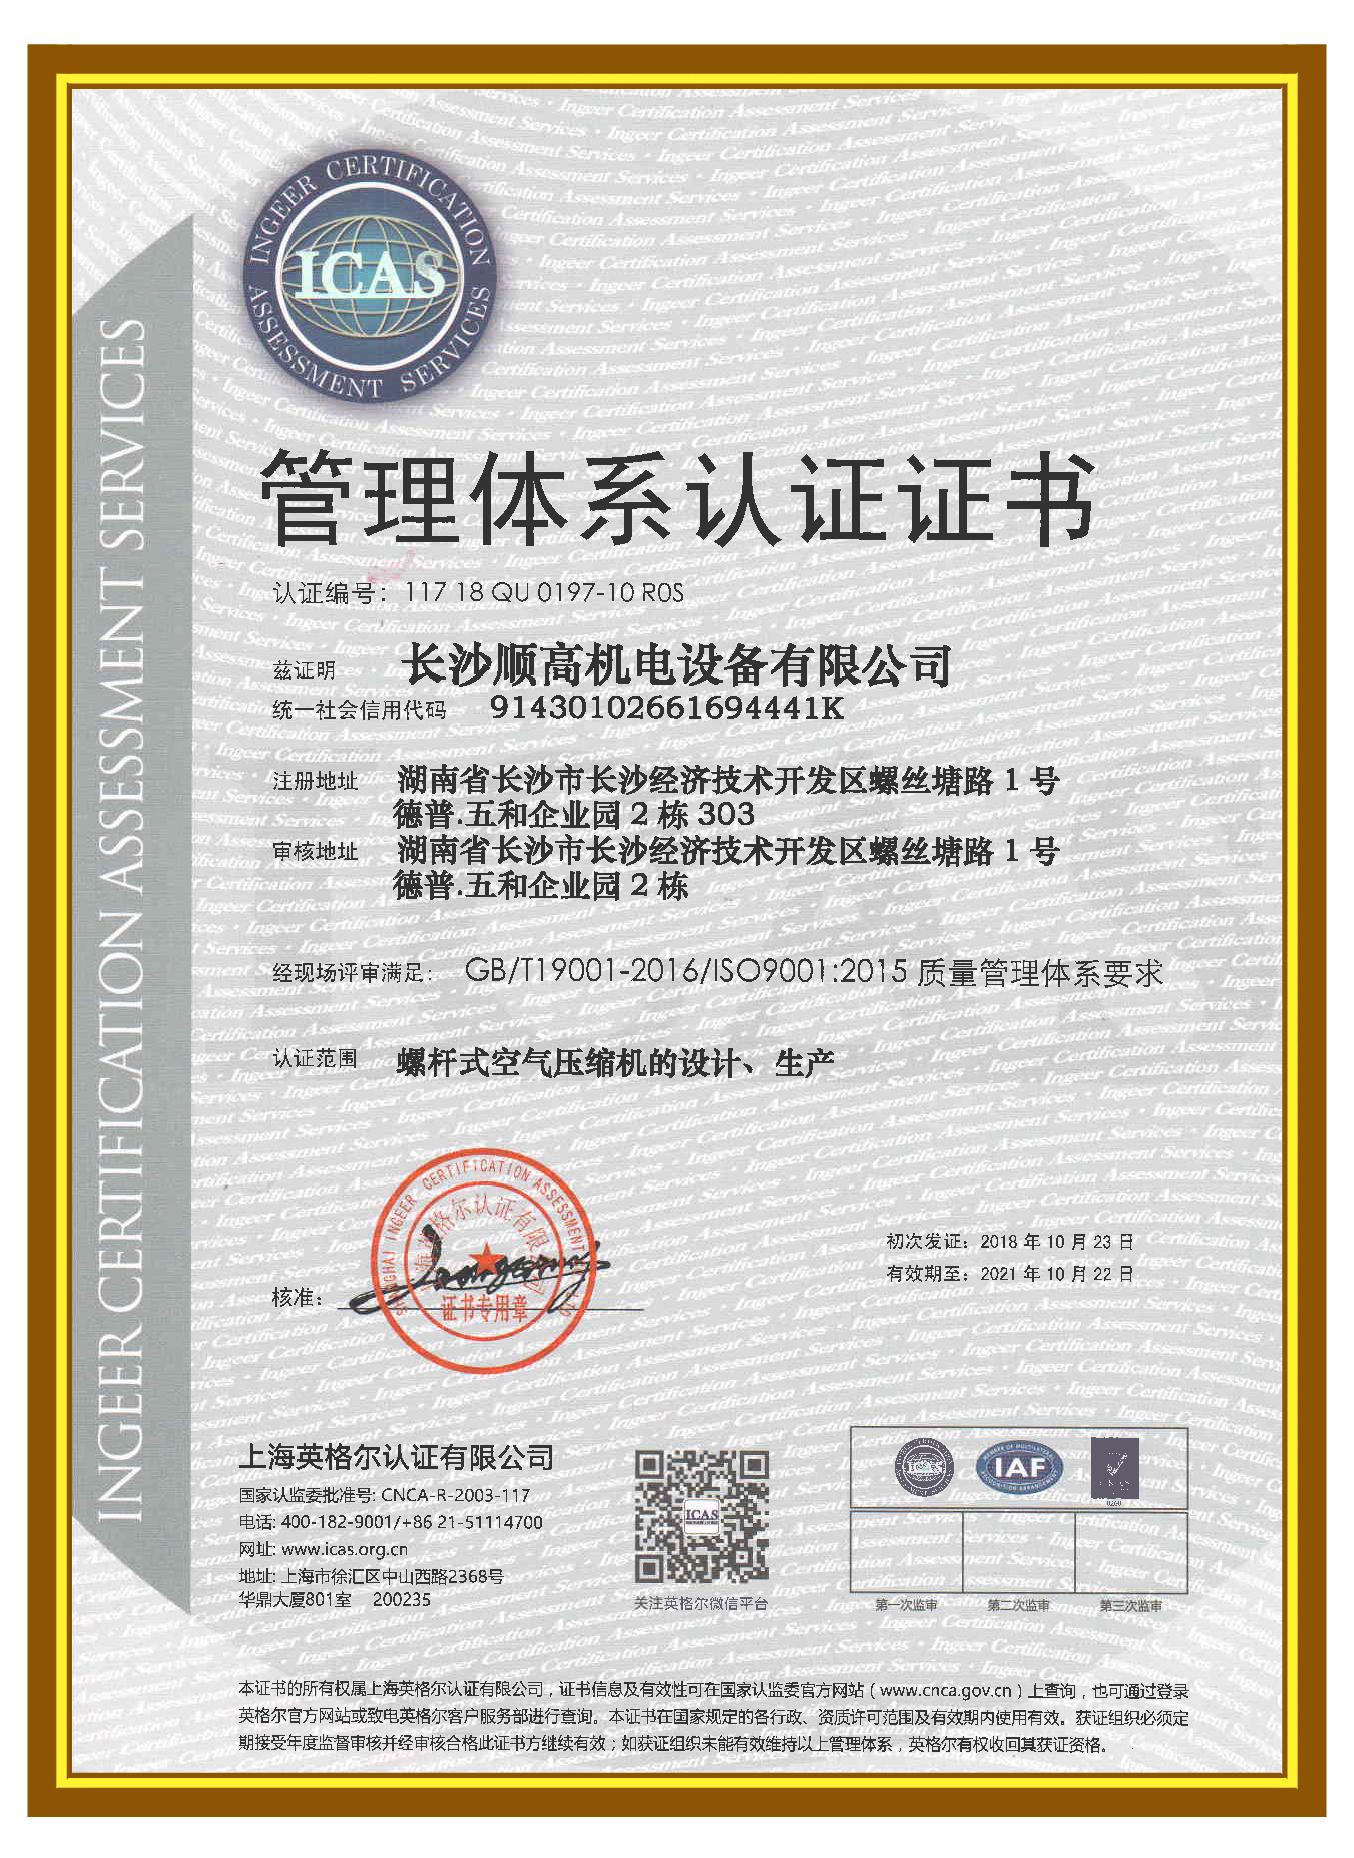 【顺高】ISO9001质量管理体系认证